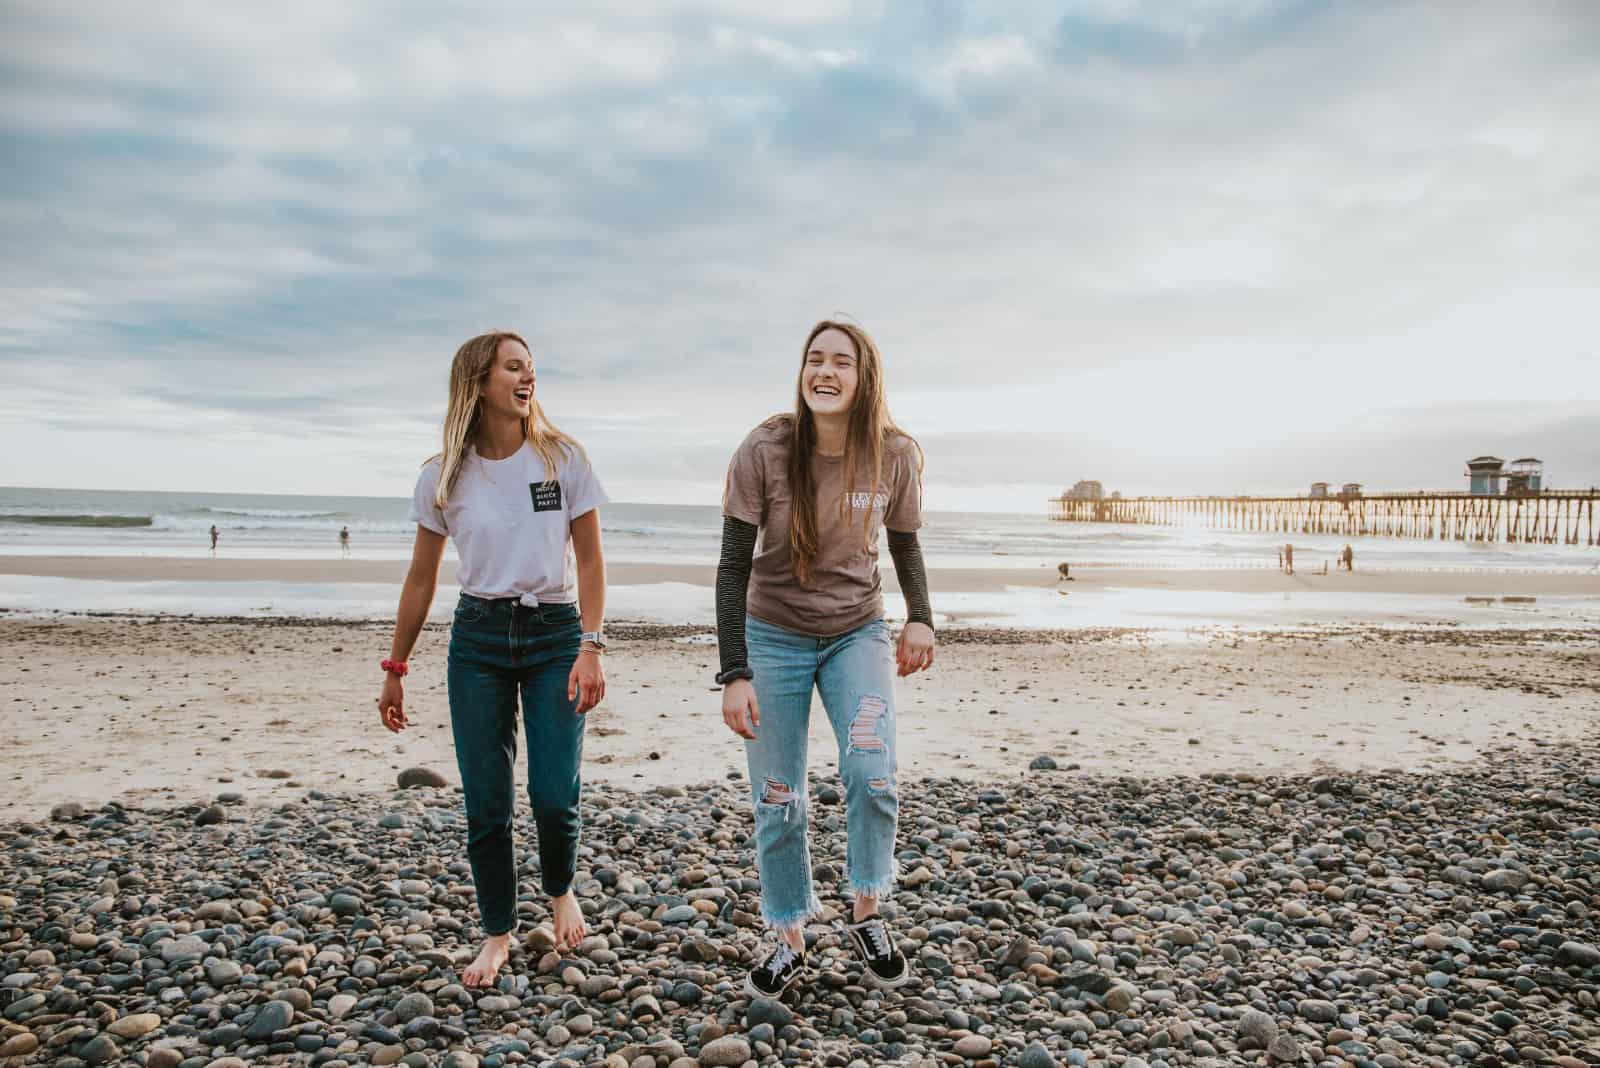 deux femmes riant en marchant sur des cailloux